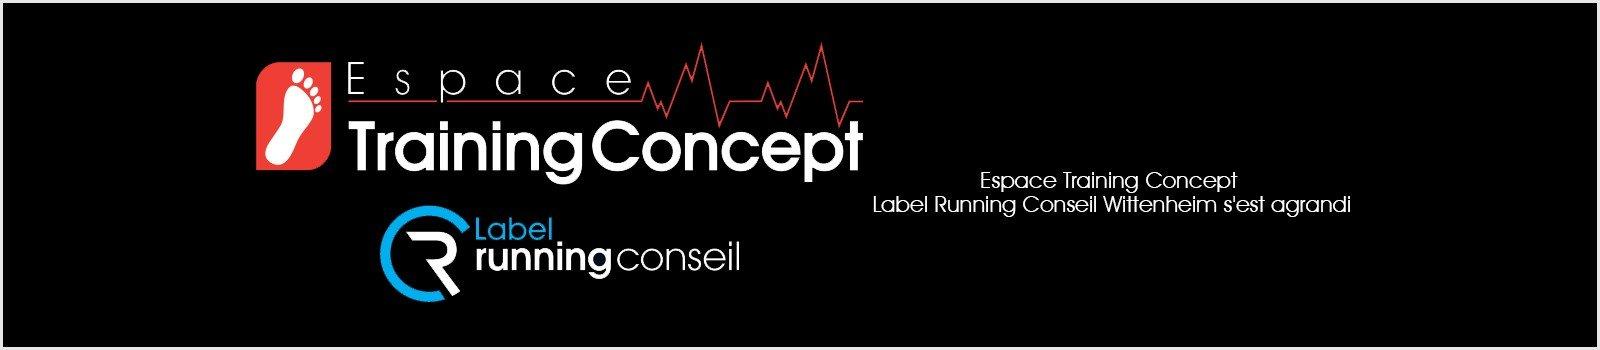 Espace Training Concept - Label Running Conseil Wittenheim s'est agrandi